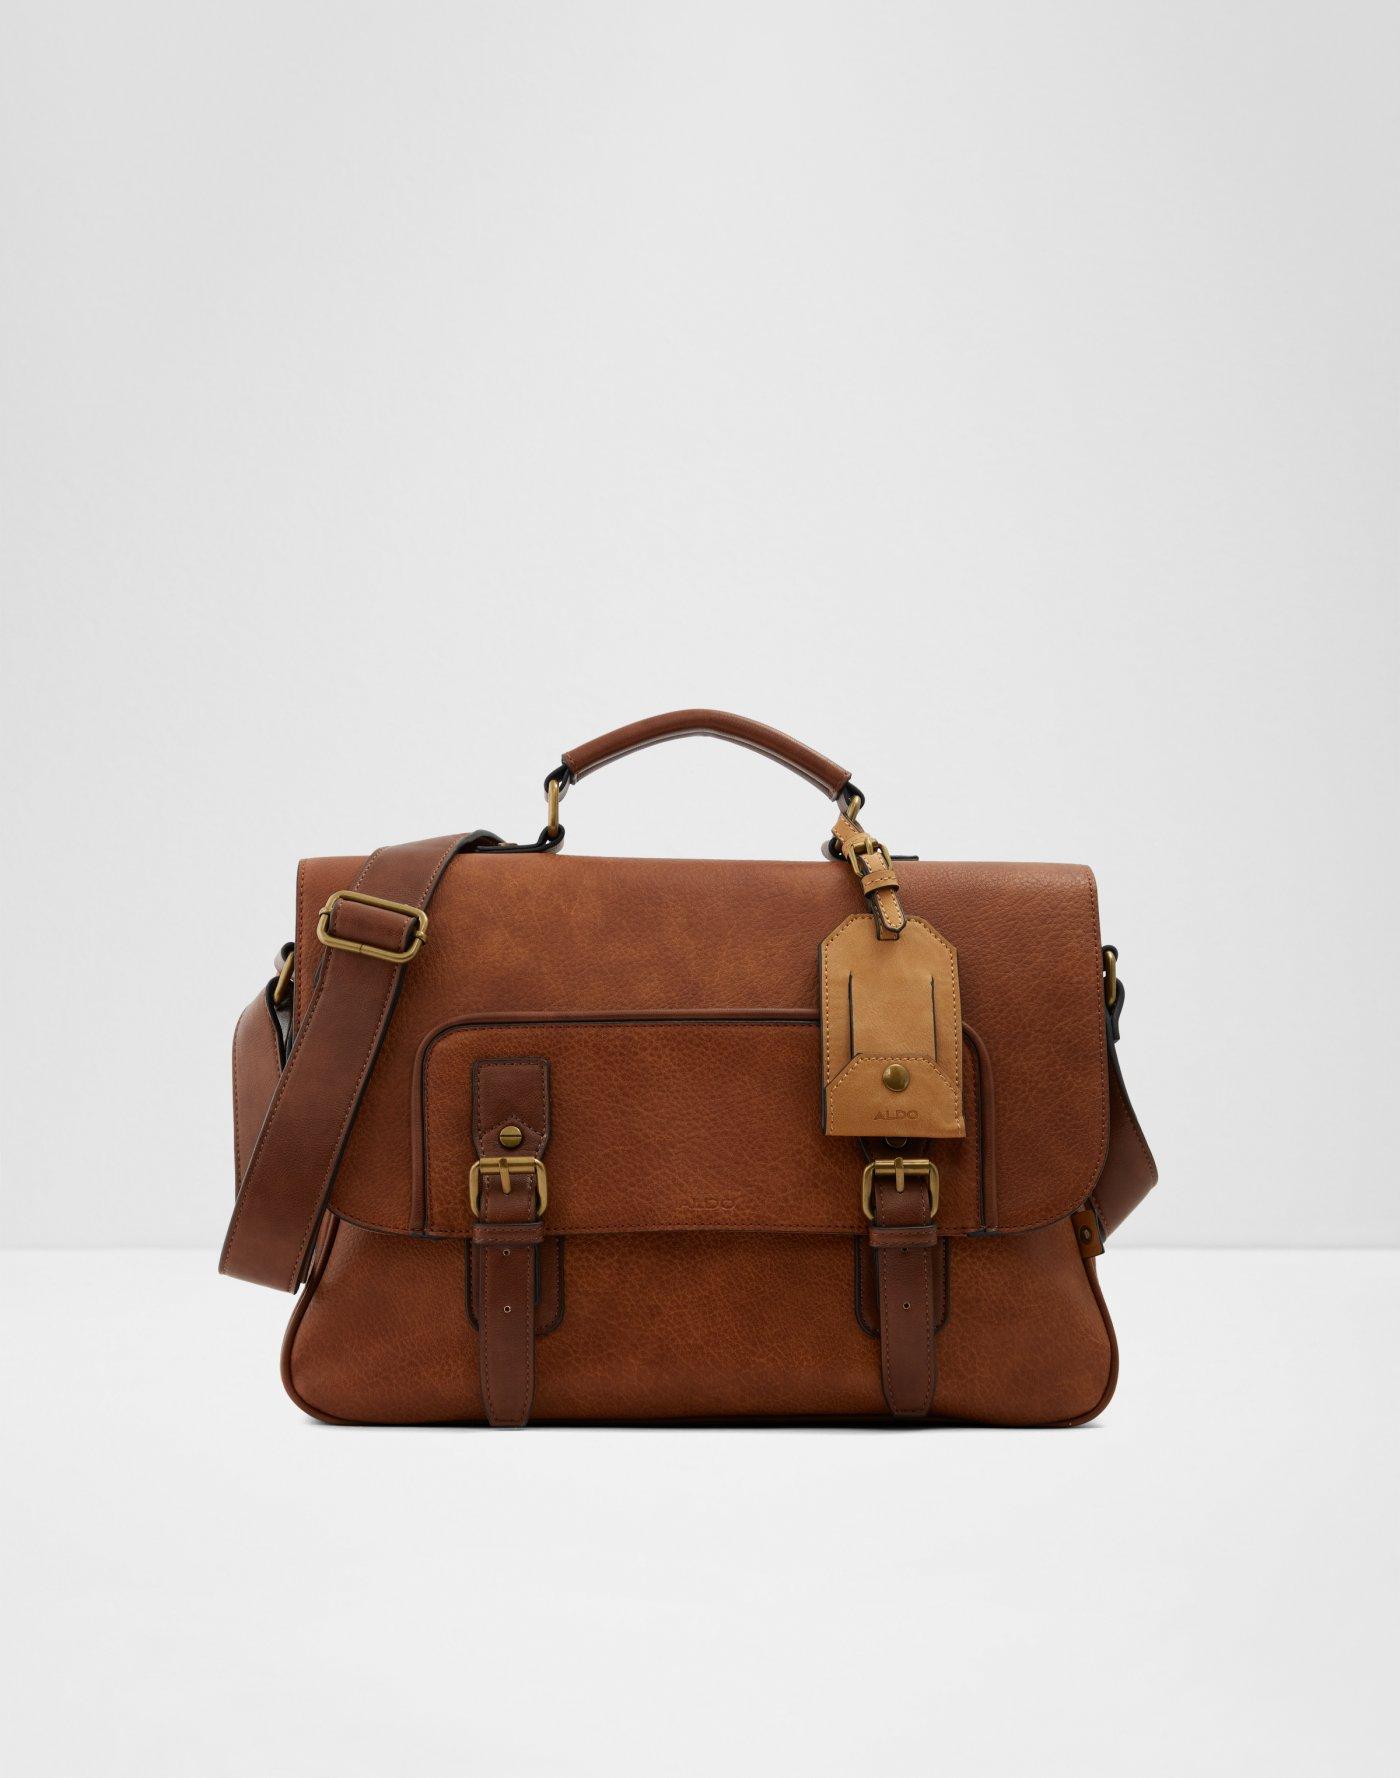 Buy Bags Dubai Online Aldo Buy Buy Aldo Bags Aldo Online Dubai kOPTuXZi